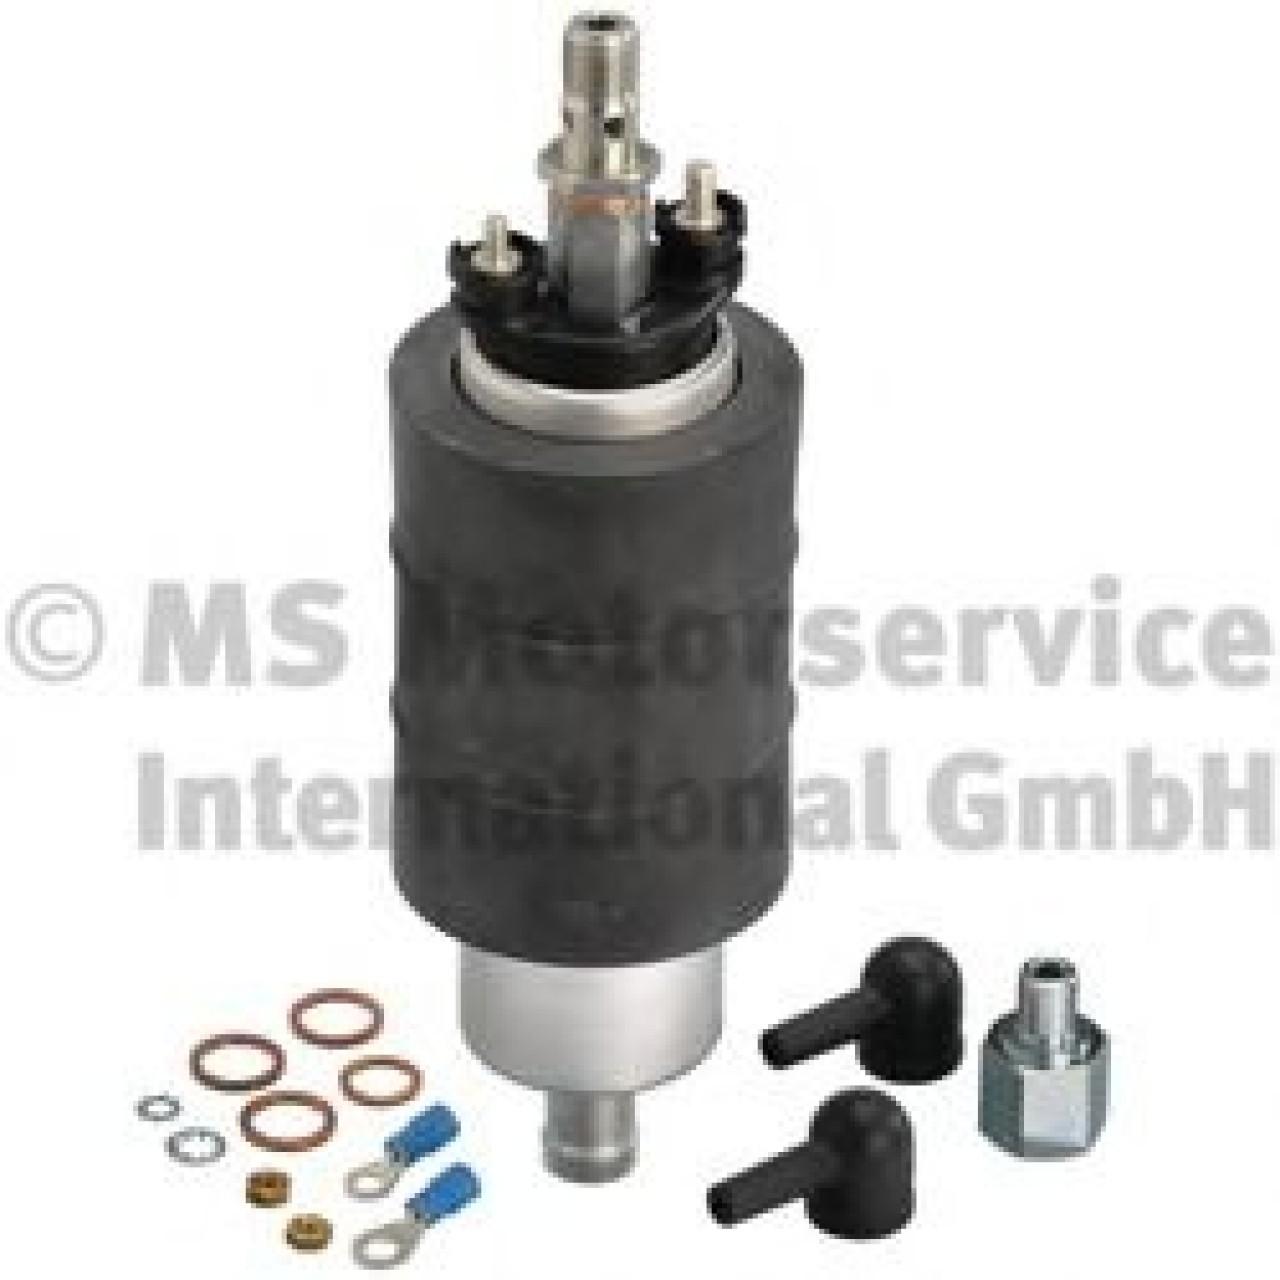 Pompa combustibil MERCEDES E-CLASS Combi (S124) (1993 - 1996) PIERBURG 7.21659.72.0 produs NOU